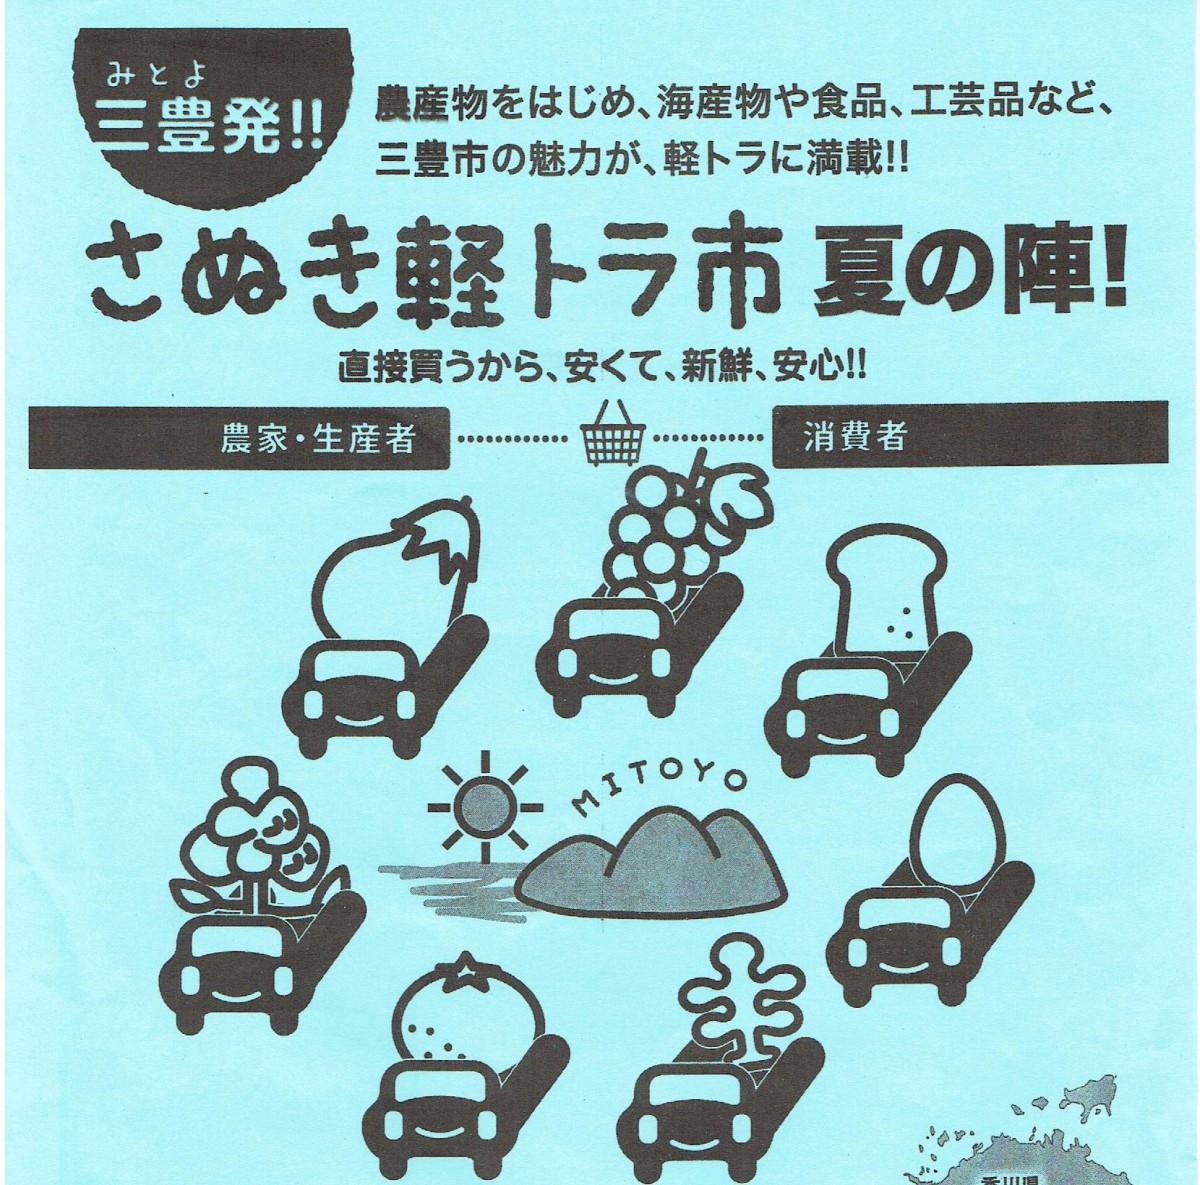 さぬき軽トラ市89 001アイキャッチ